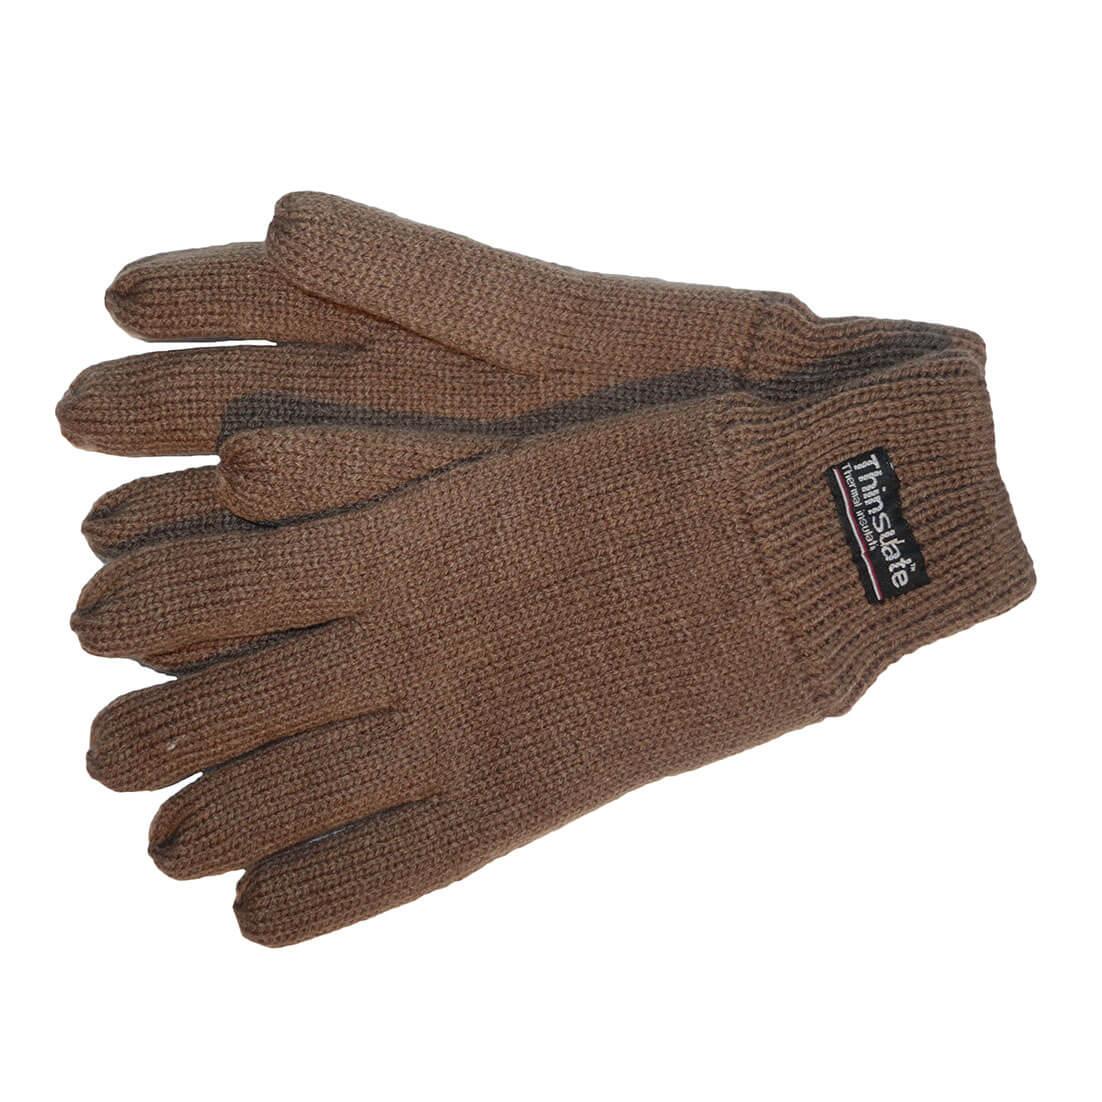 Thinsulate Handschoenen Bruin L/XL-0